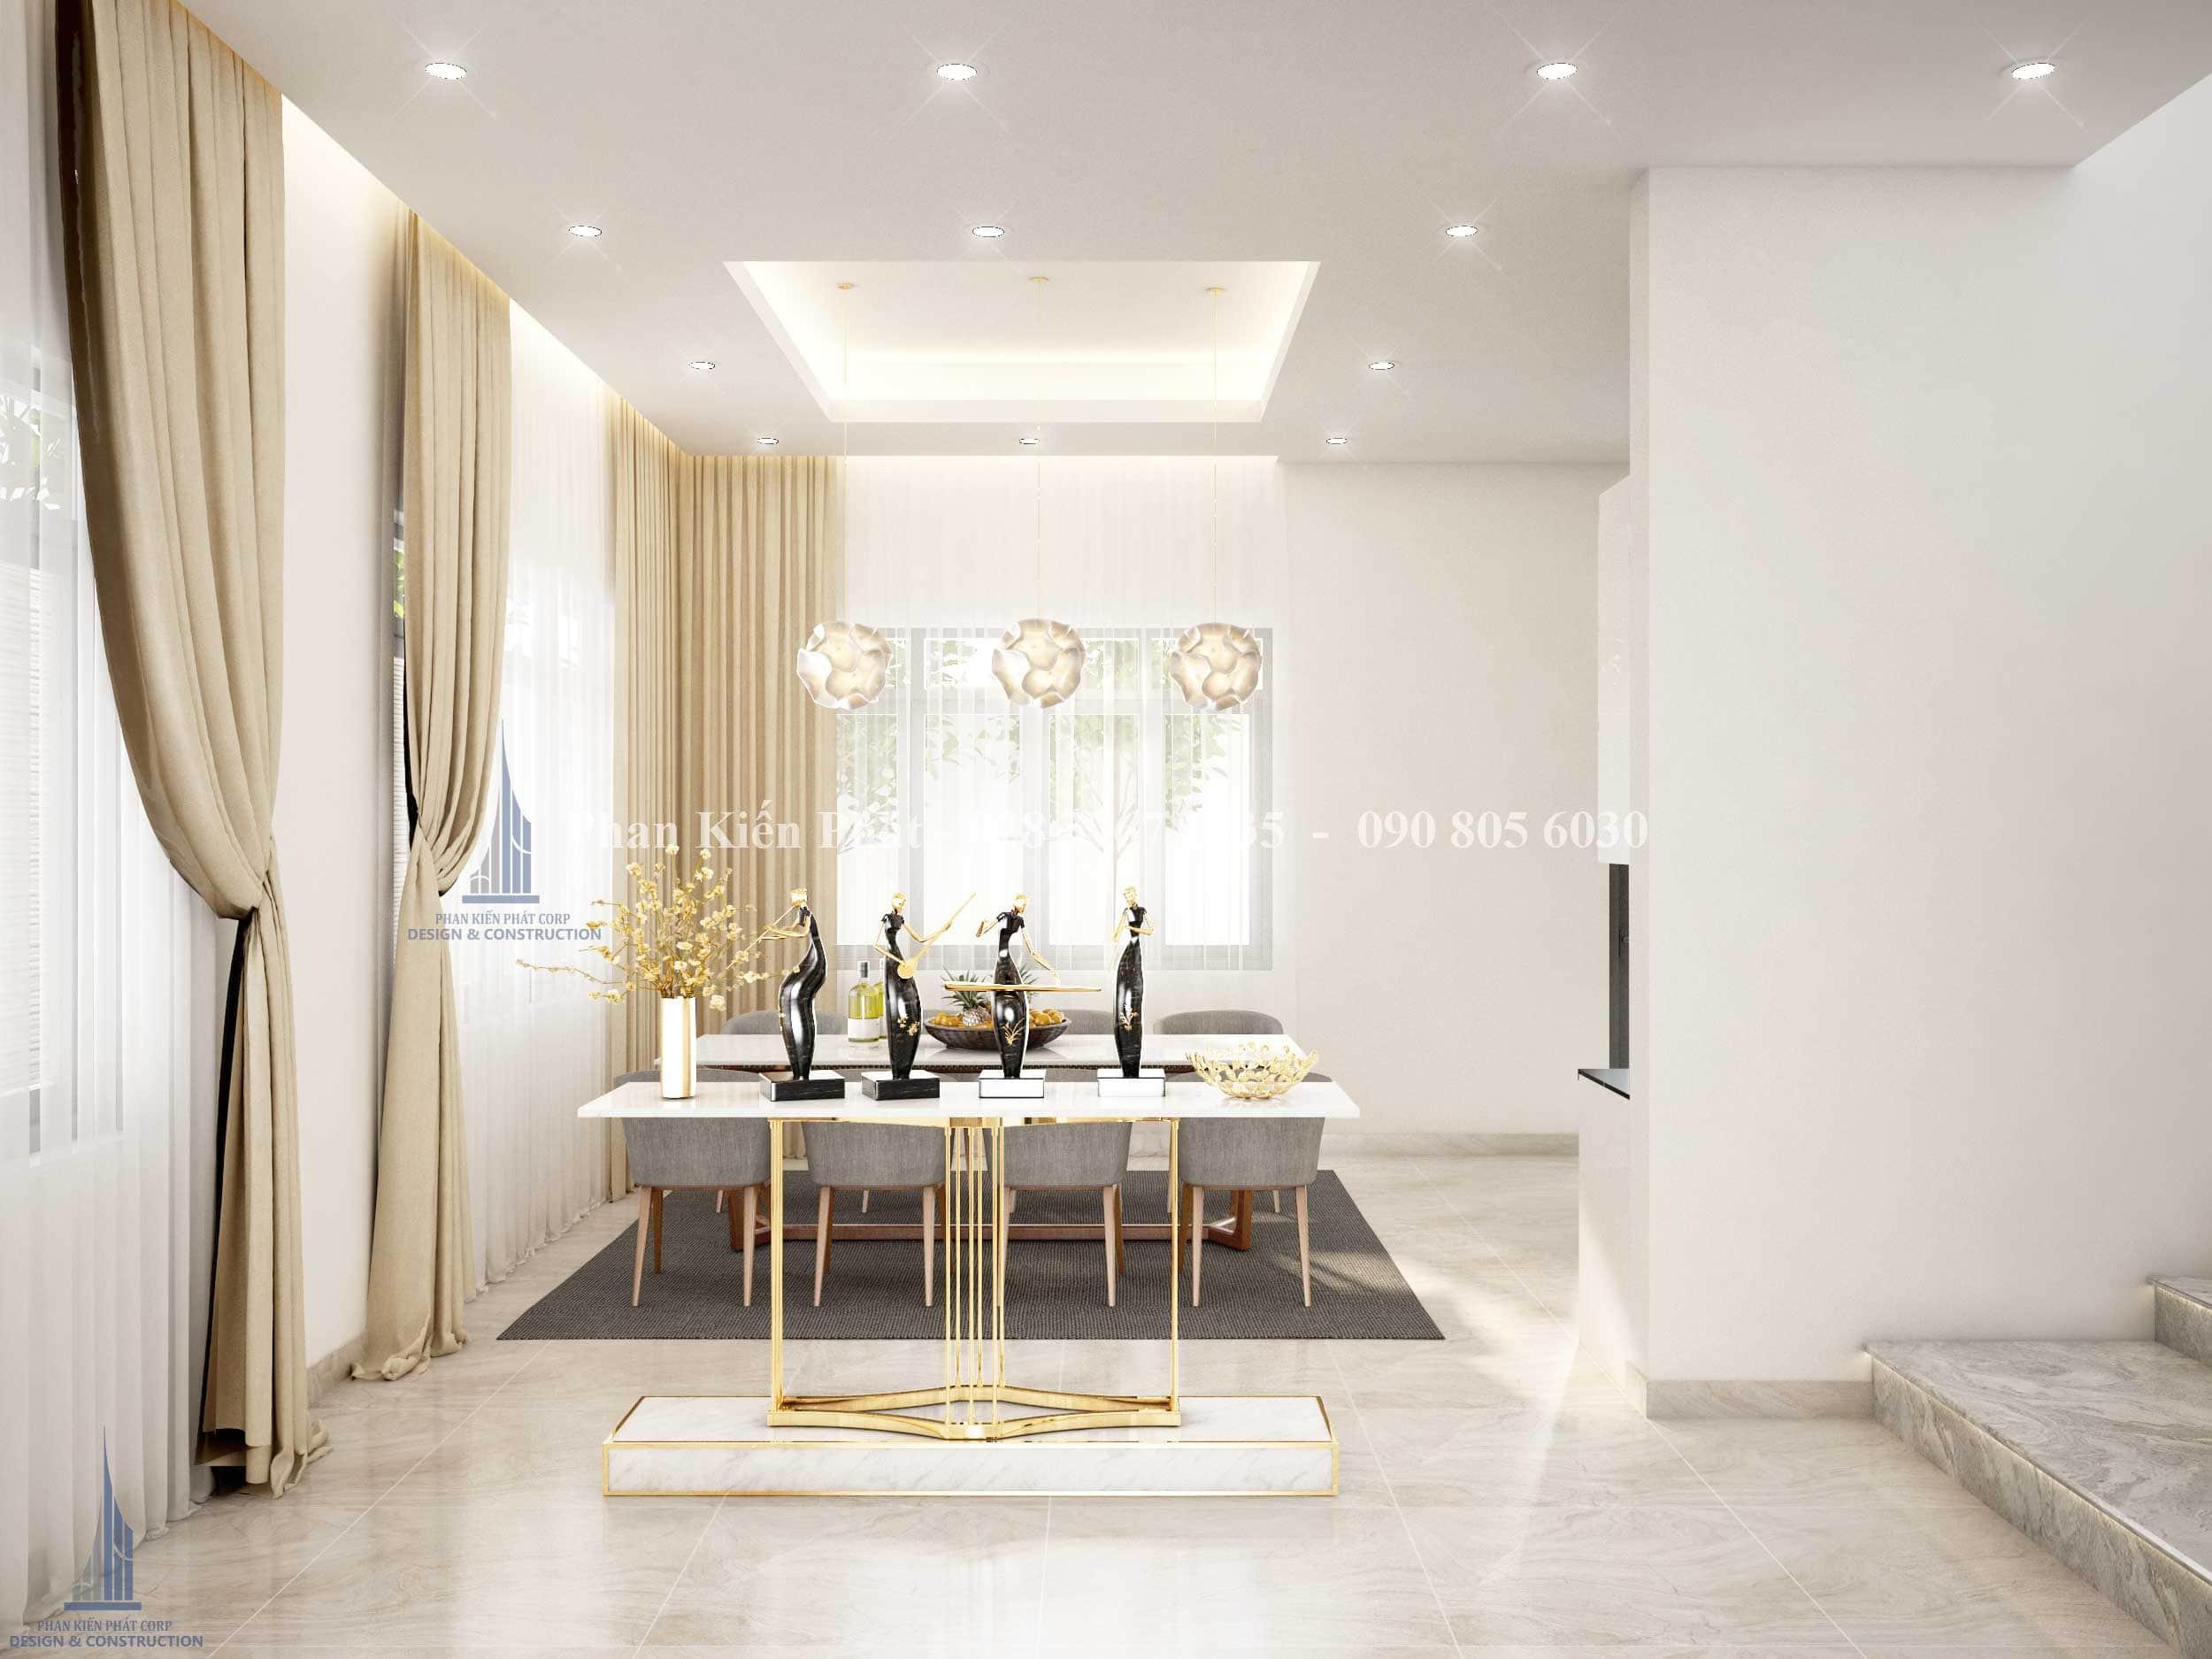 Thiet Ke Noi That Phong Khach Bep Biet Thu View 4 - mẫu biệt thự 3 tầng mái thái